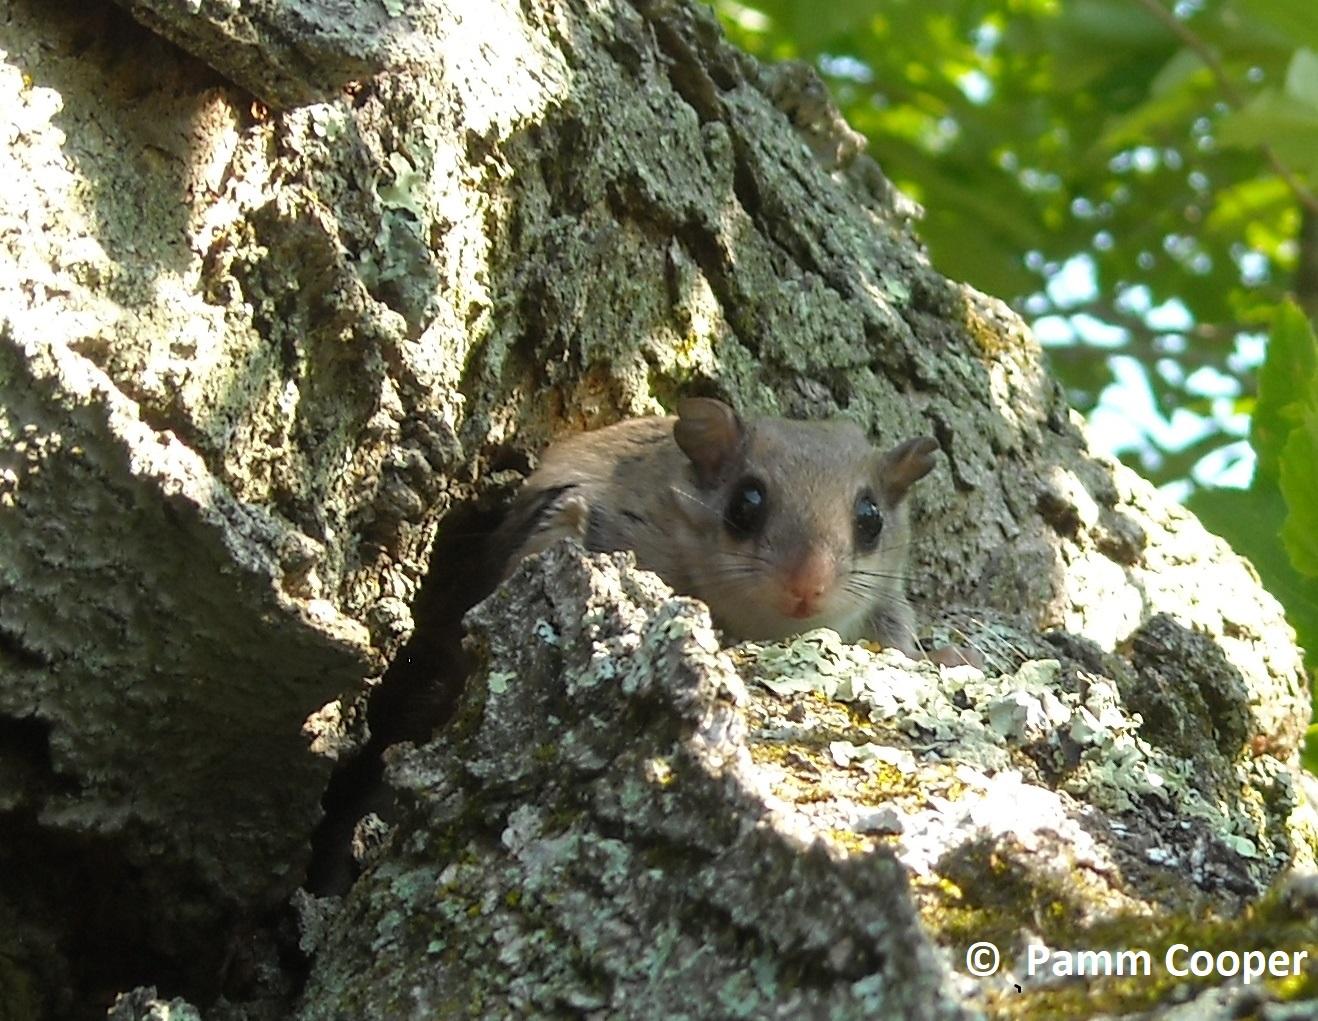 flying squirrel near nest hole